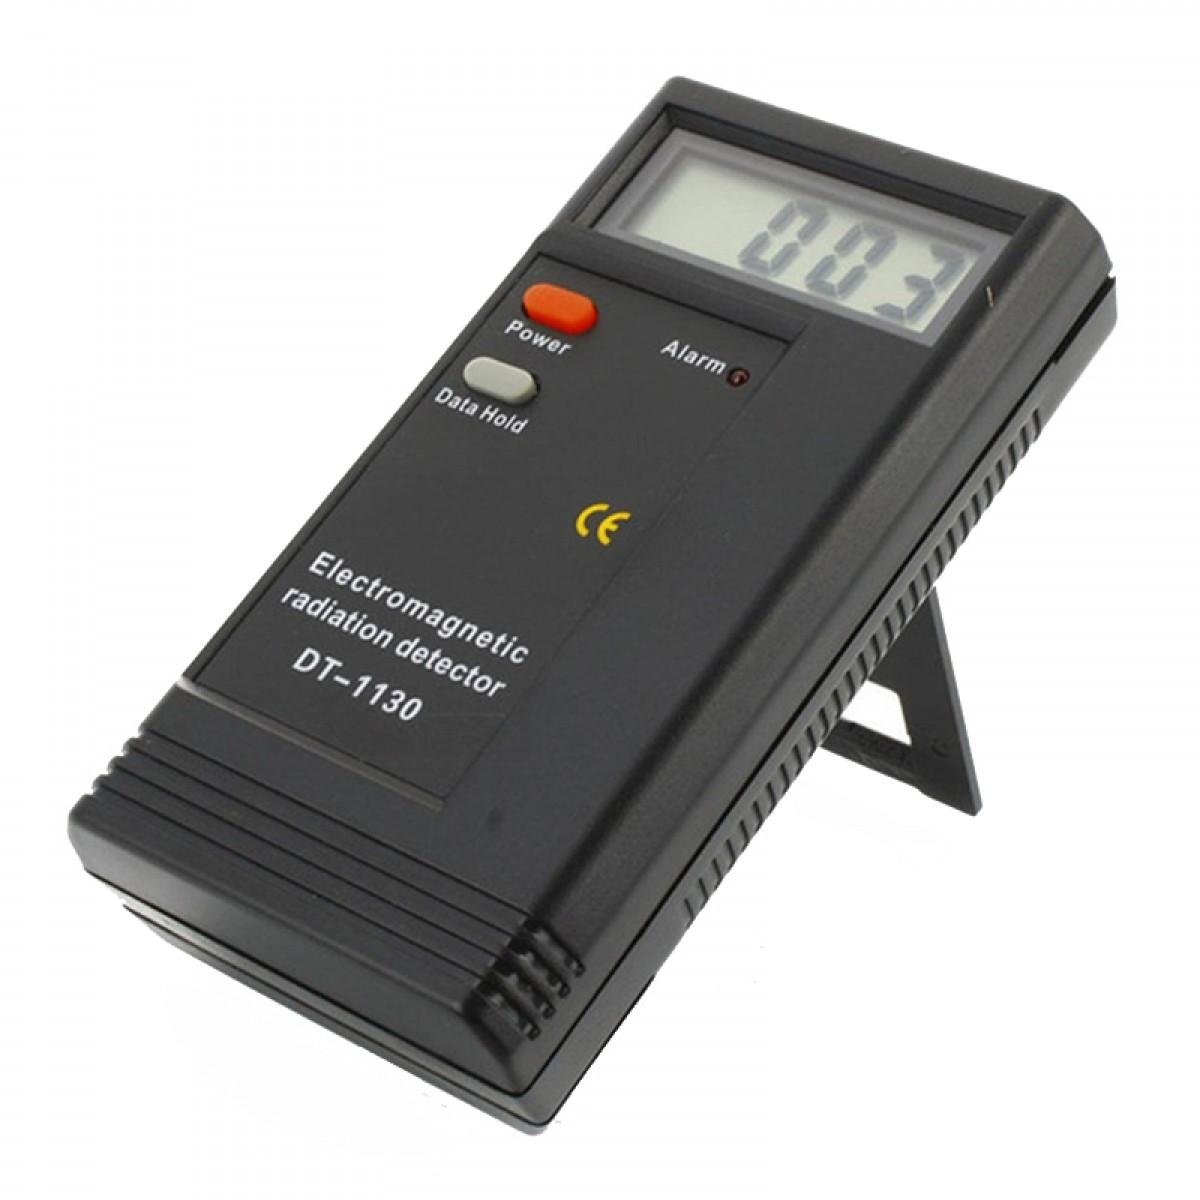 Ψηφιακός Μετρητής Ηλεκτρομαγνητικής Ακτινοβολίας EMF DT-1130-OEM